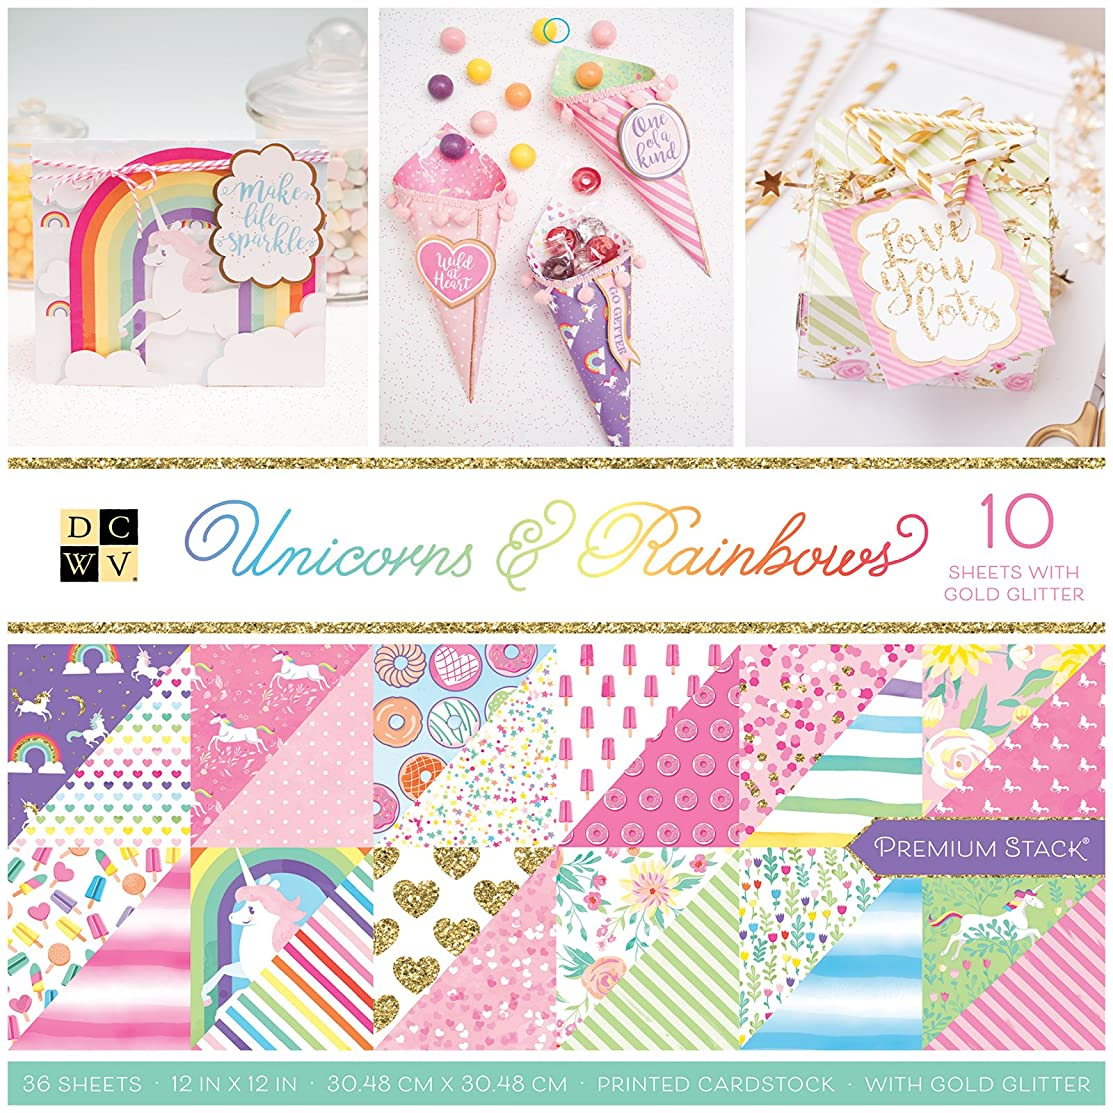 DCWV PS-005-00634 Unicorns & Rainbows Paper Stack, Multicolor